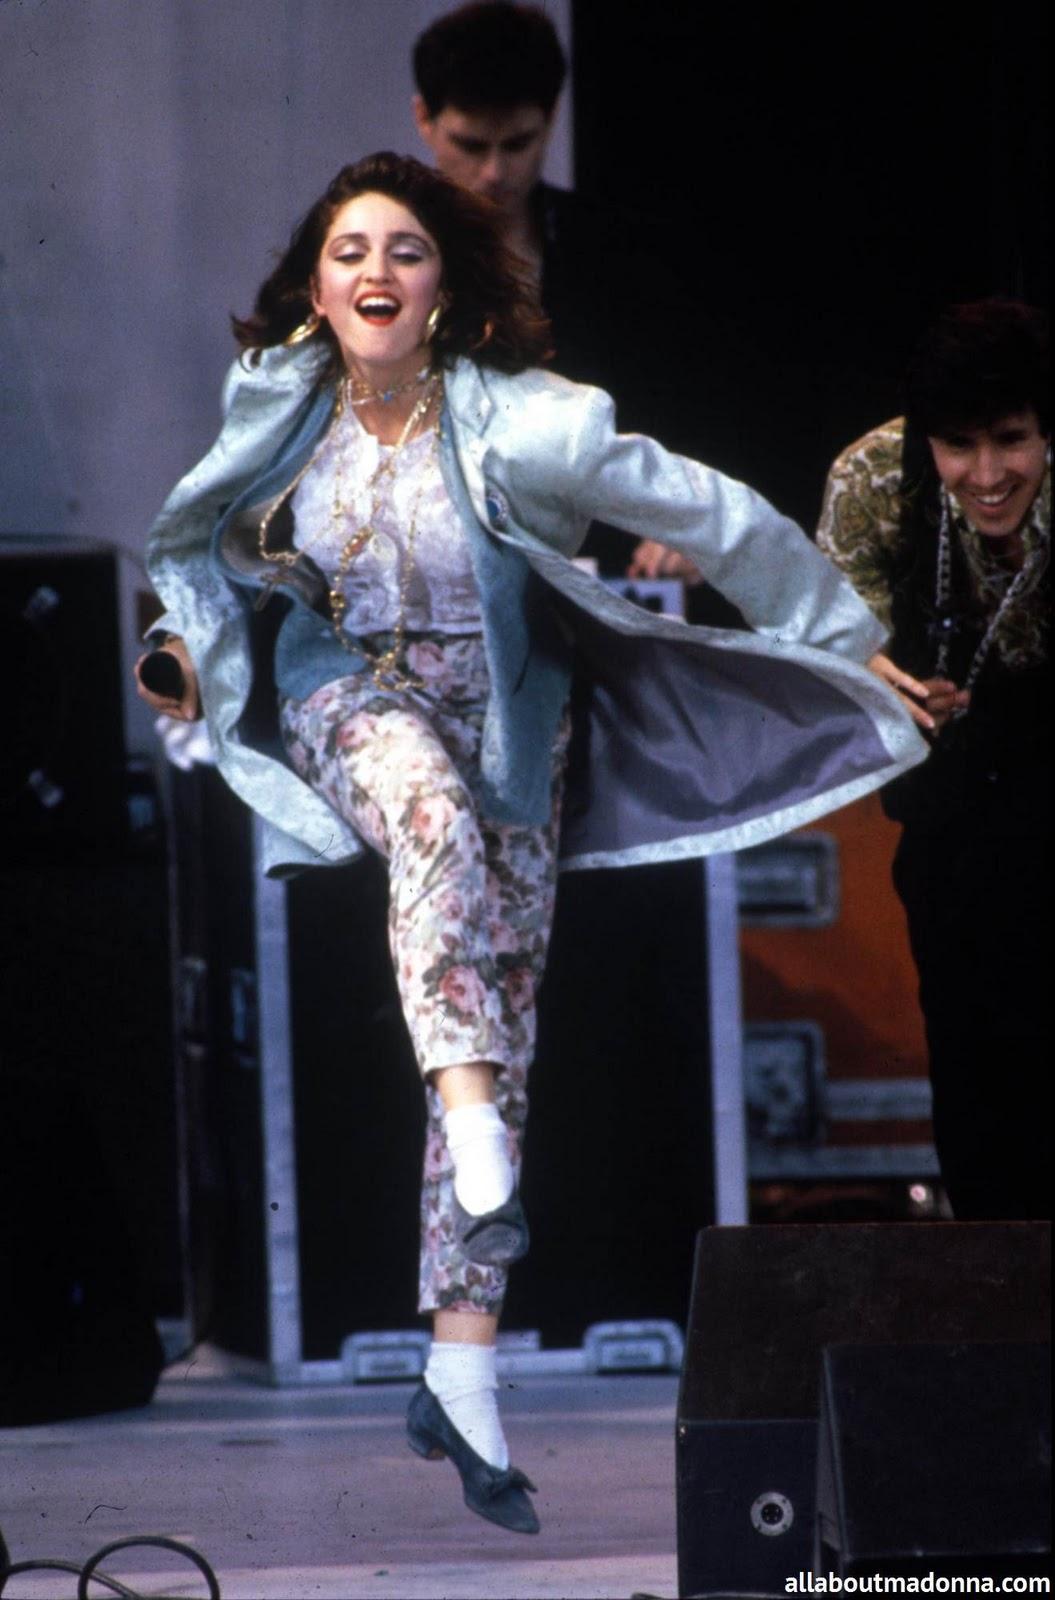 http://3.bp.blogspot.com/-8zlL4ejoauI/TrQMpkb9sLI/AAAAAAAABM4/qMZZPVgrrQ8/s1600/Madonna+V.jpg